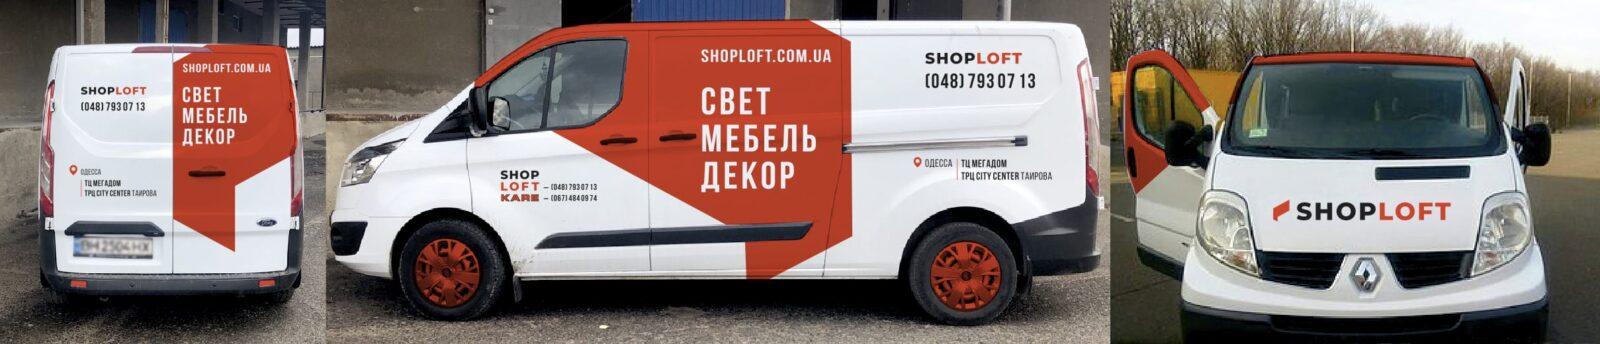 дизайн рекламы на авто в Одессе